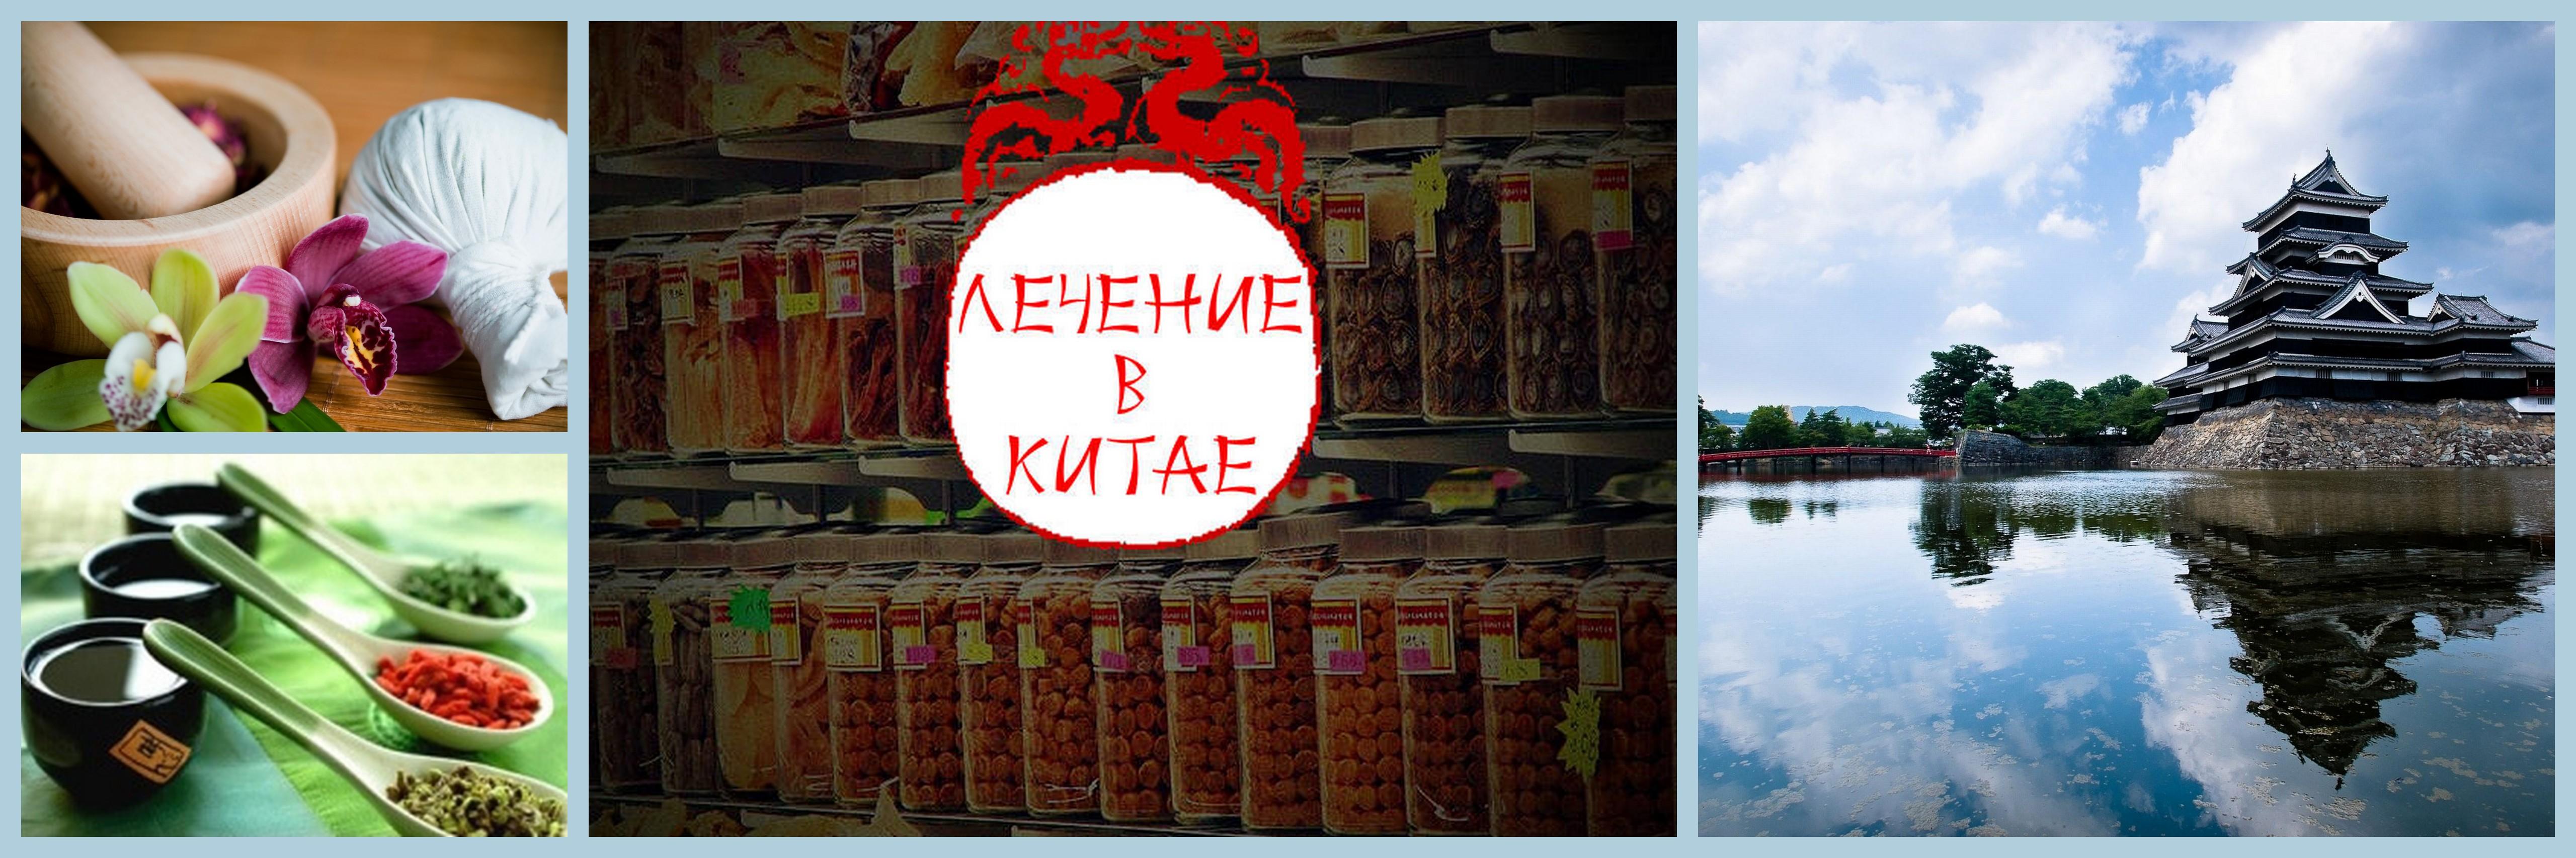 asiavisas.rukitajskaja-viza-s2